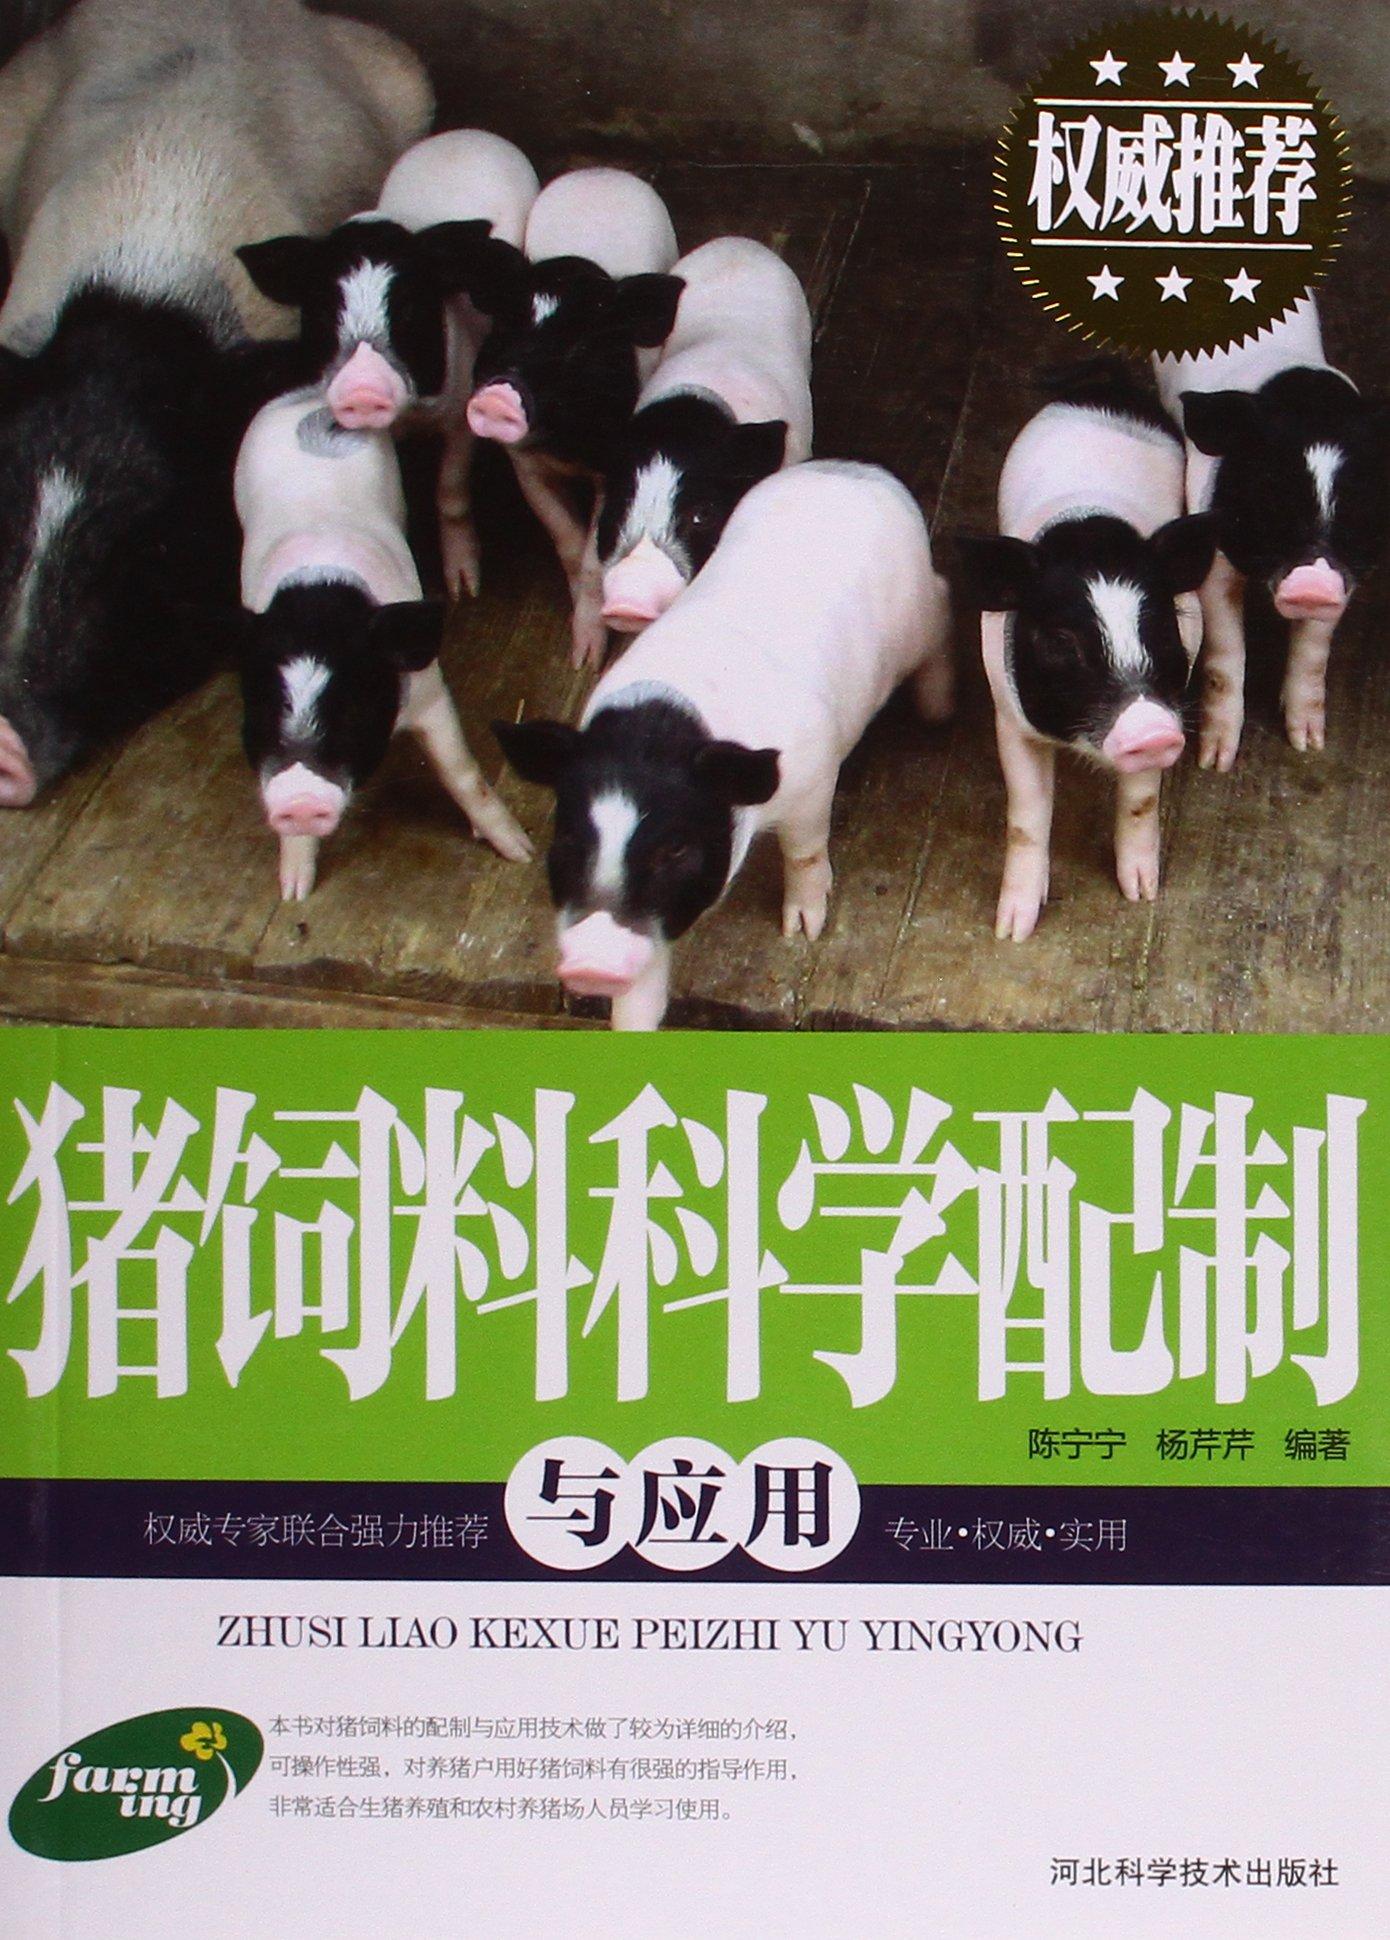 Thức ăn cho heo  Lợn nuôi được xây dựng và ứng dụng khoa học paperback – 1 tháng 2 năm 2014. , (tác